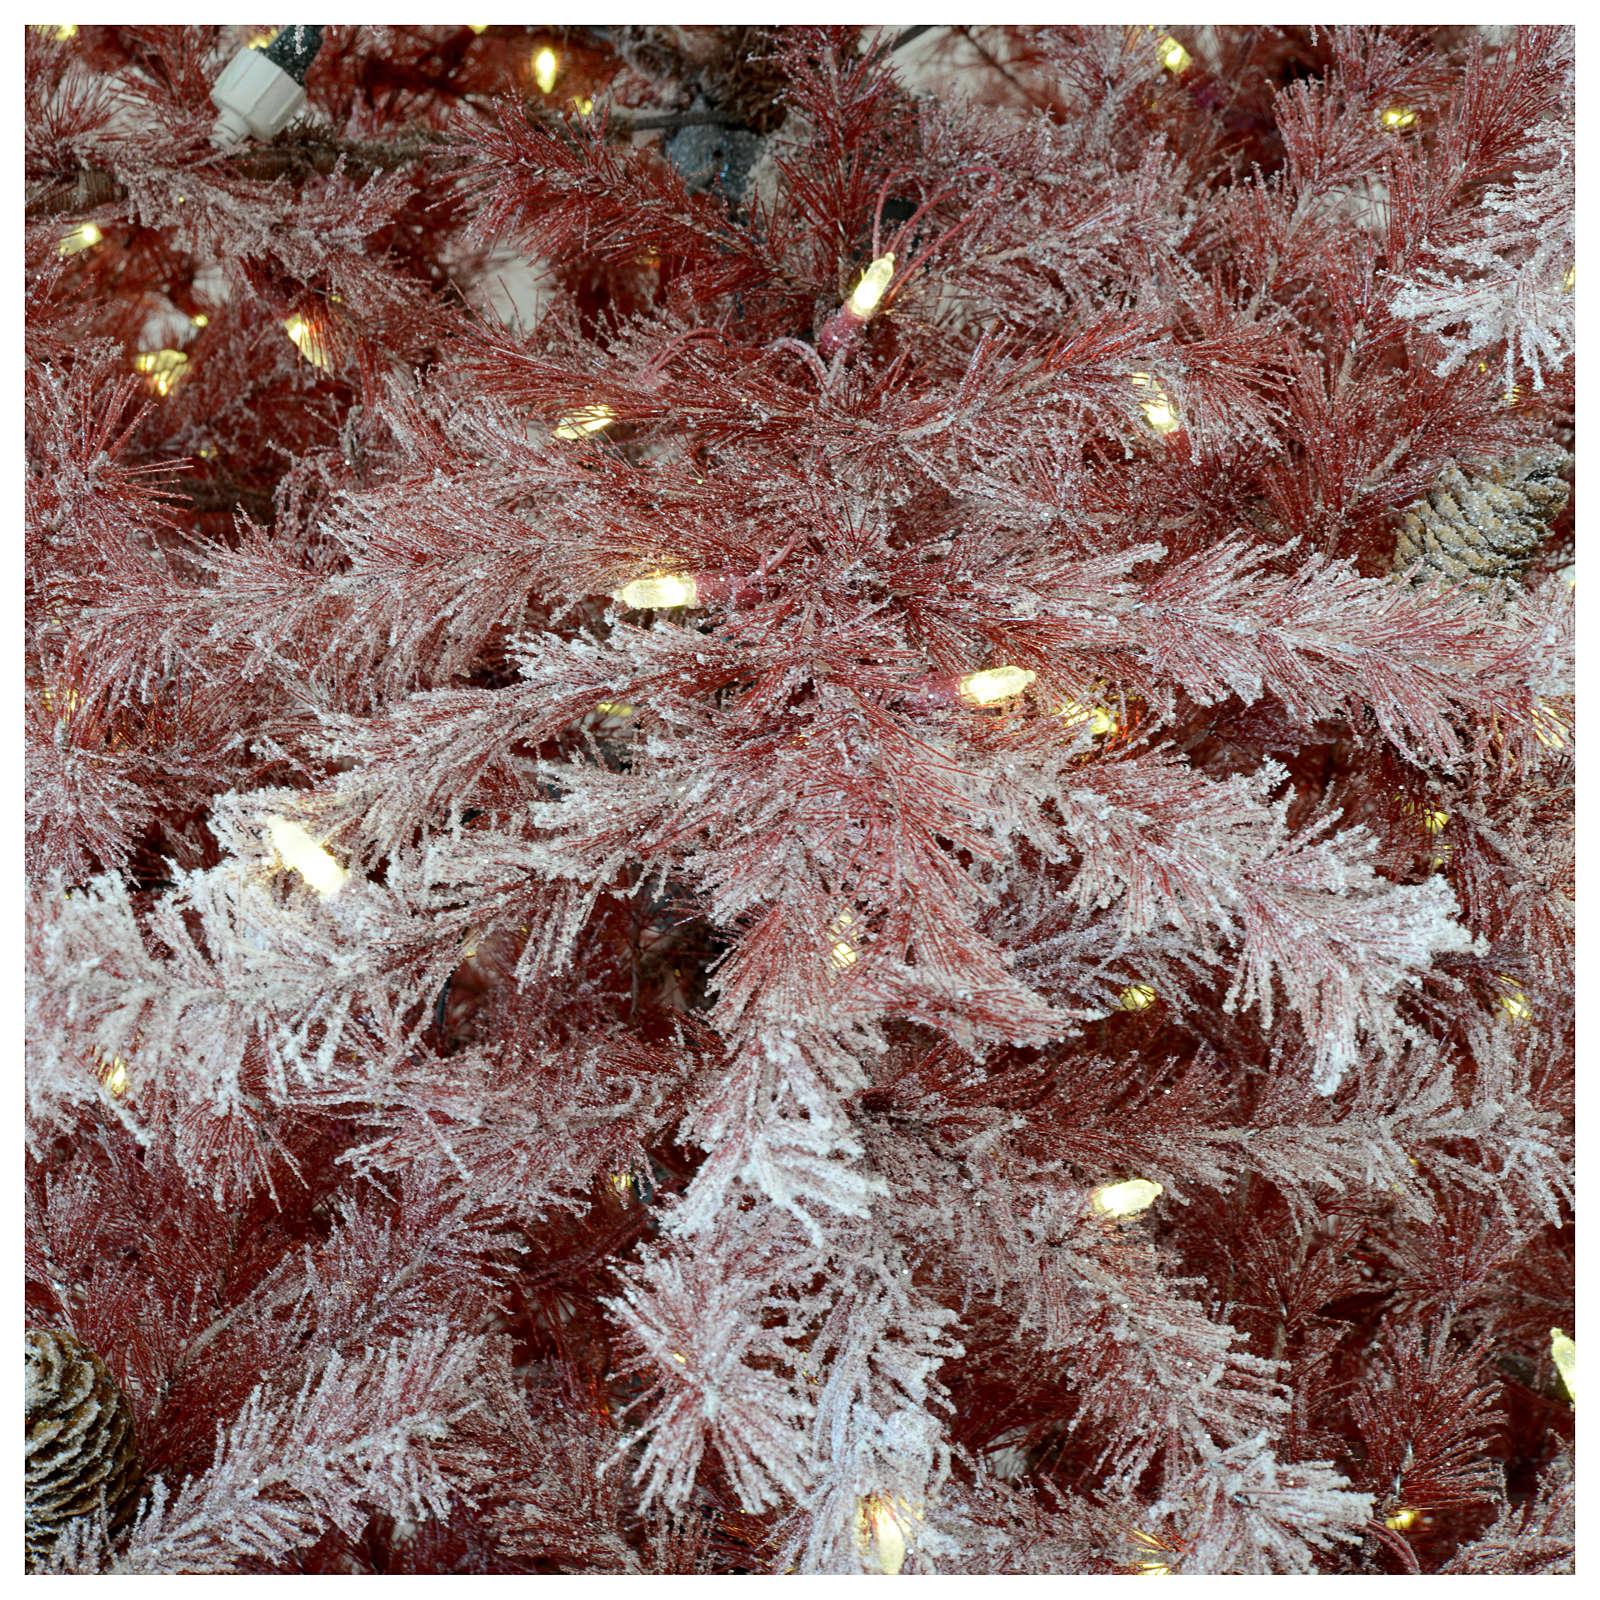 349ba8863ae Rbol de navidad 270 cm color coral escarchado con pi as Arbol navidad  exterior